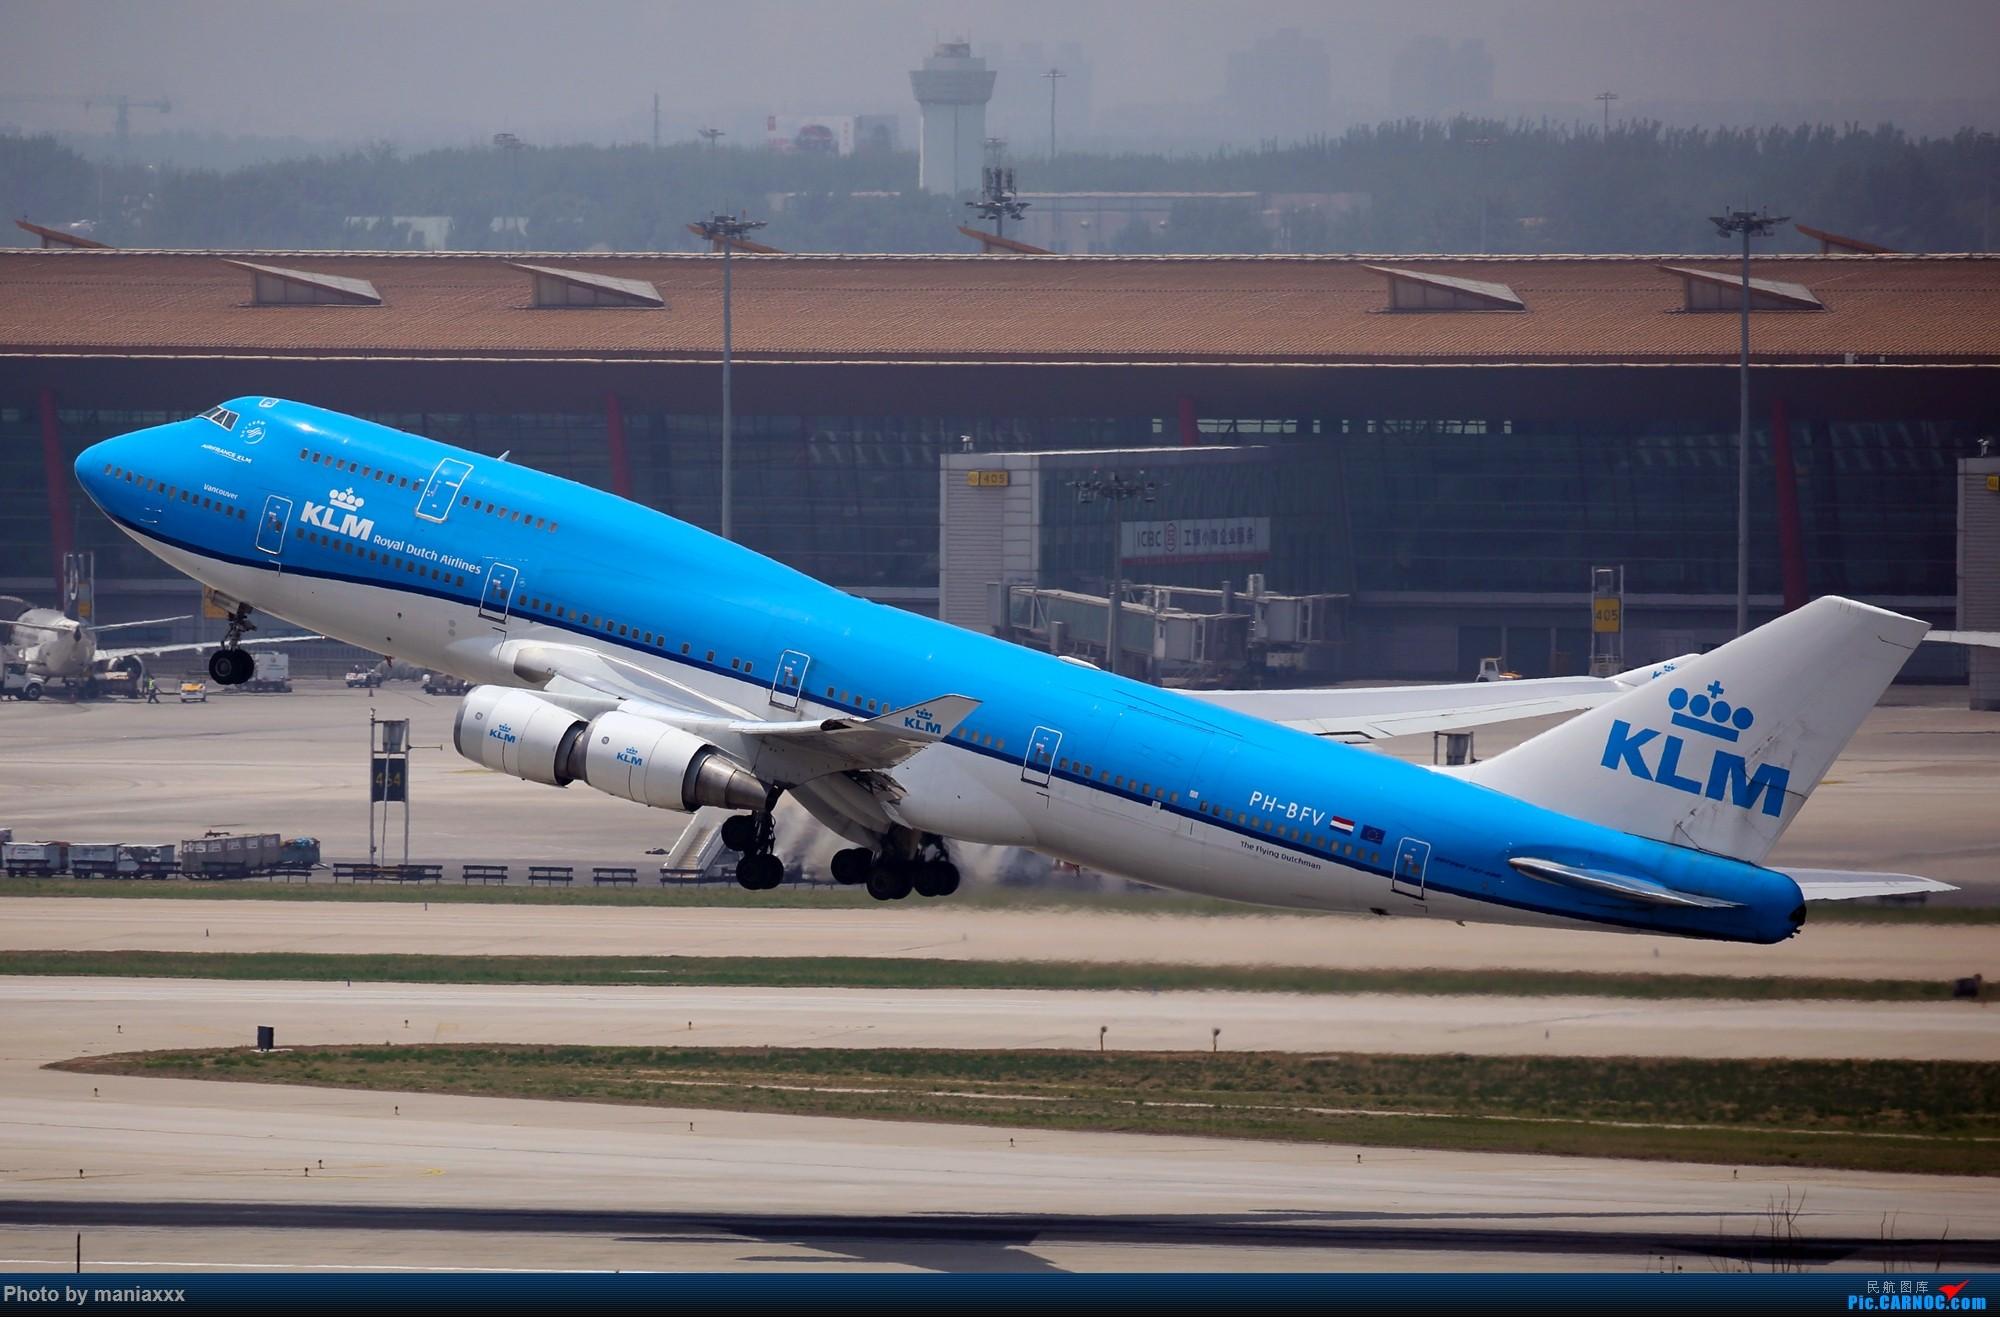 [原创]我是一图党~~~~~KLM新装为什么不能变化更大一些呢??? BOEING 747-400 PH-BFV 中国北京首都国际机场